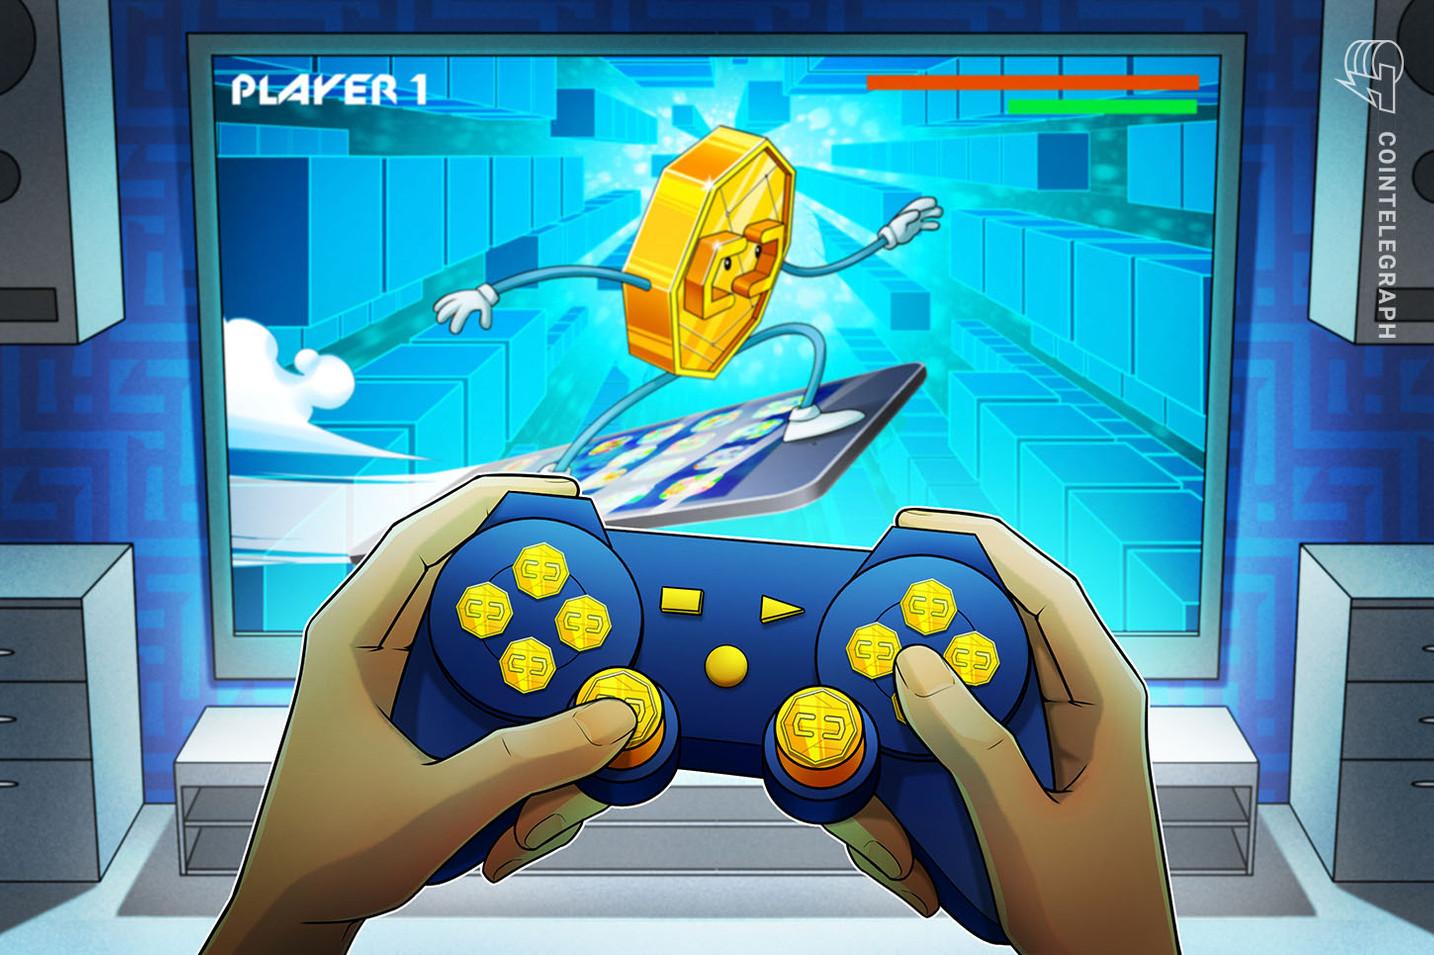 DeFi Land筹集410万美元,在索拉纳推出分散金融游戏